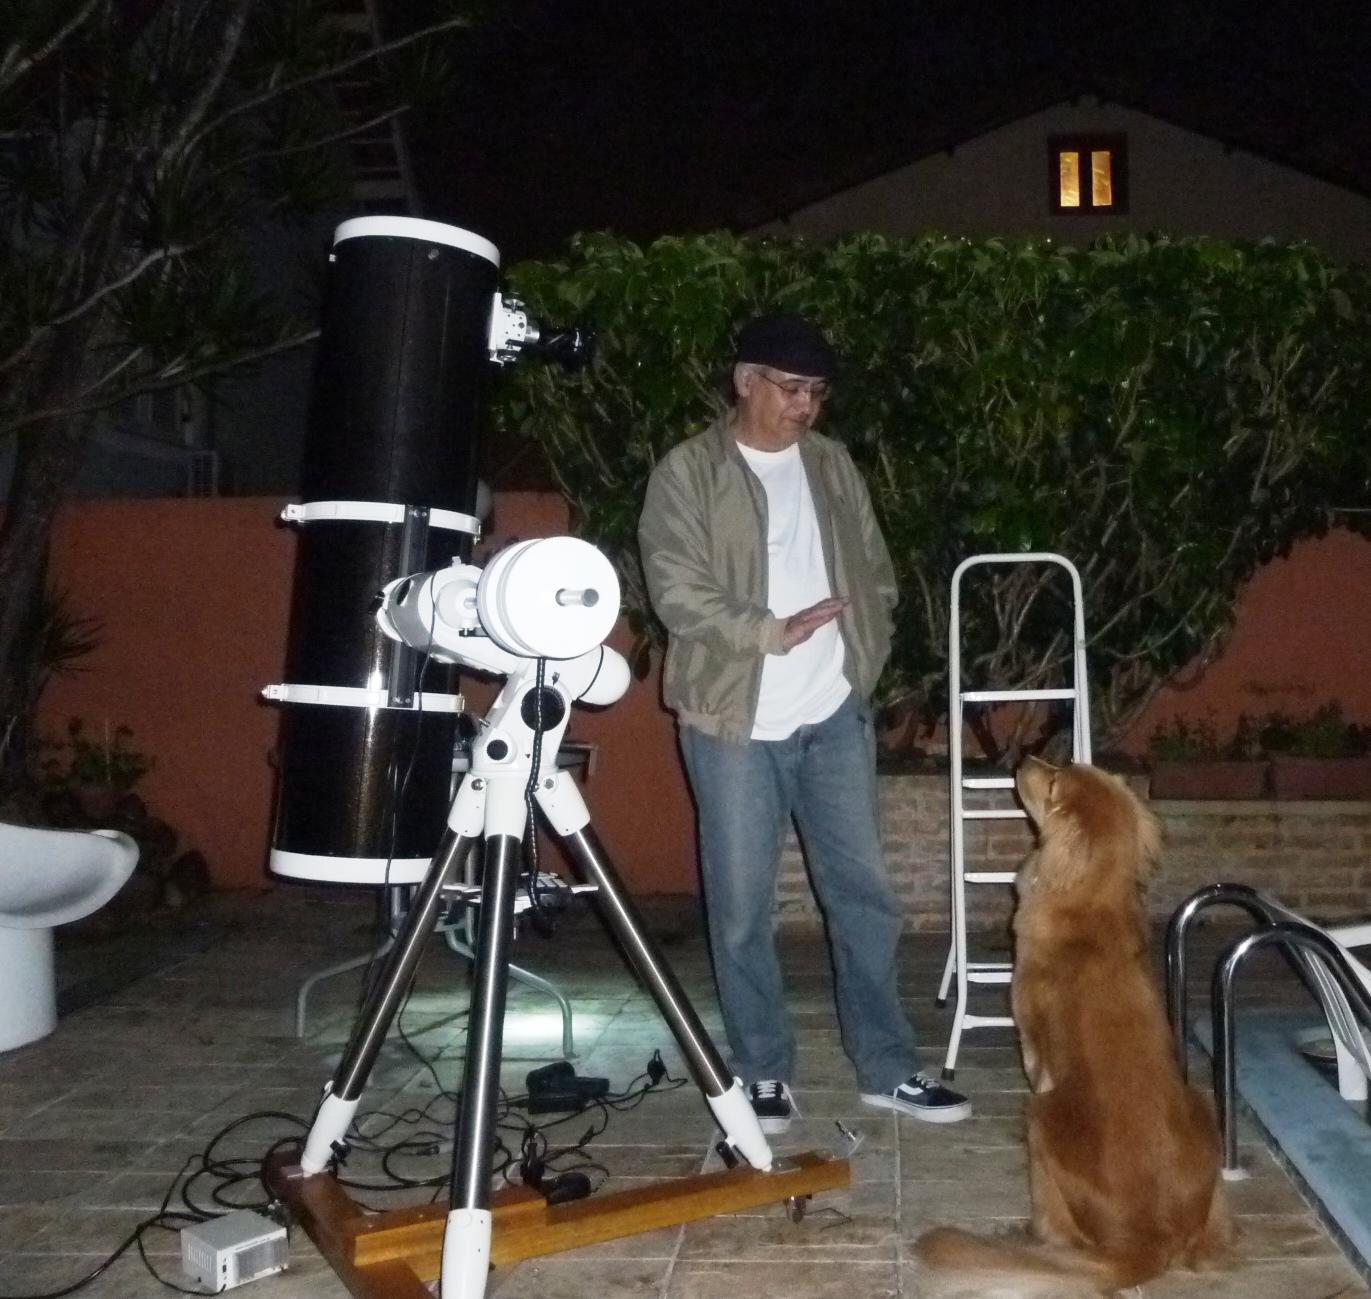 Equipamento e astrônoma-assistente..